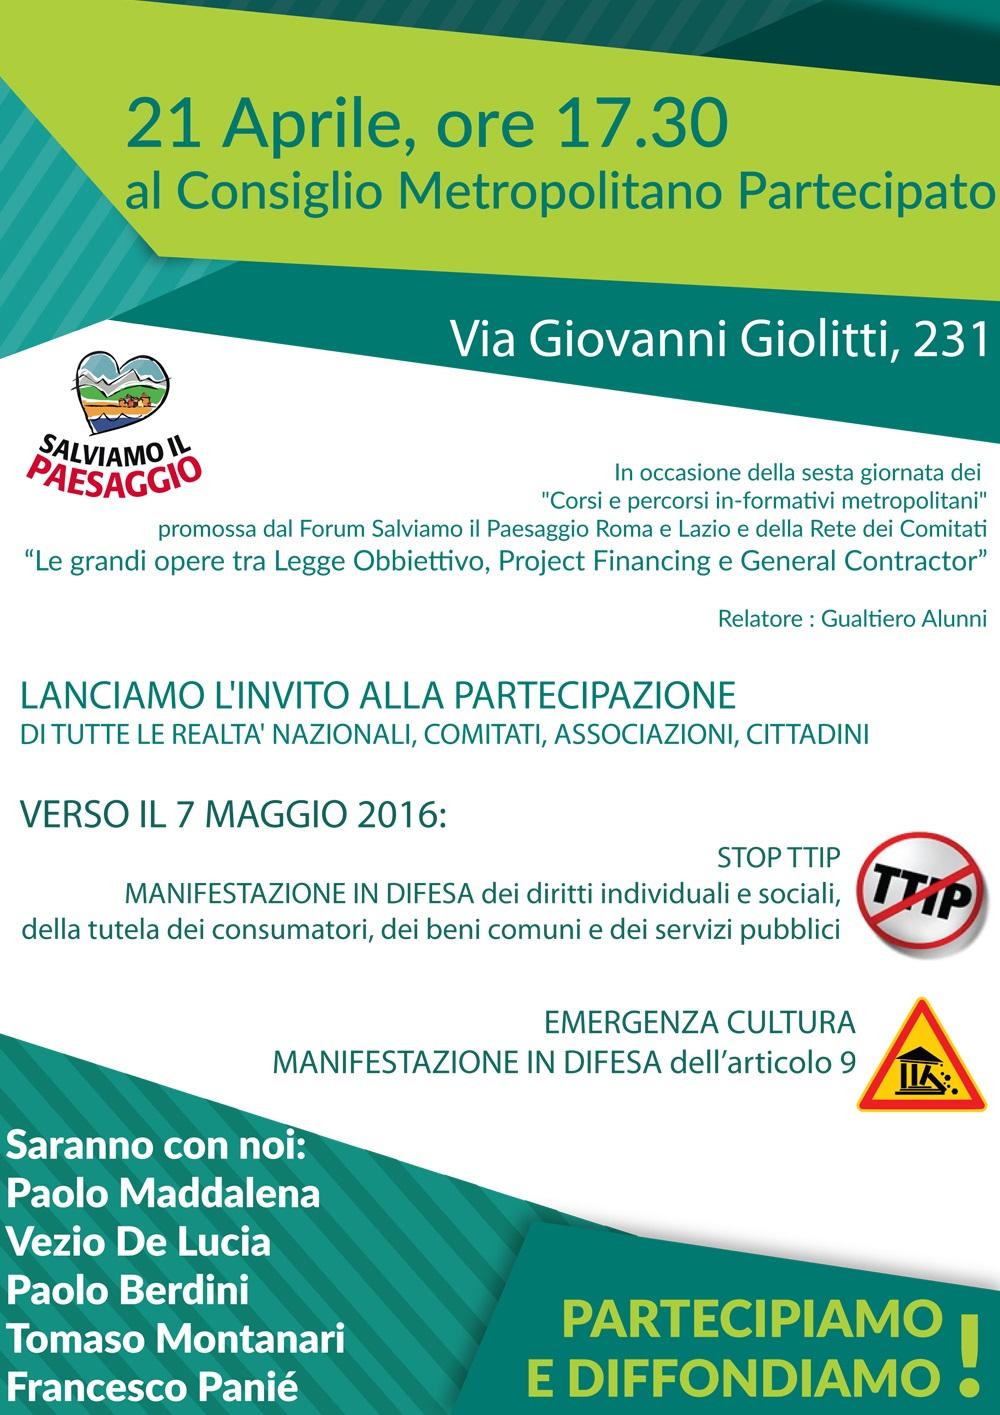 Verso il 7 maggio 2016, Emergenza cultura e stop TTIP